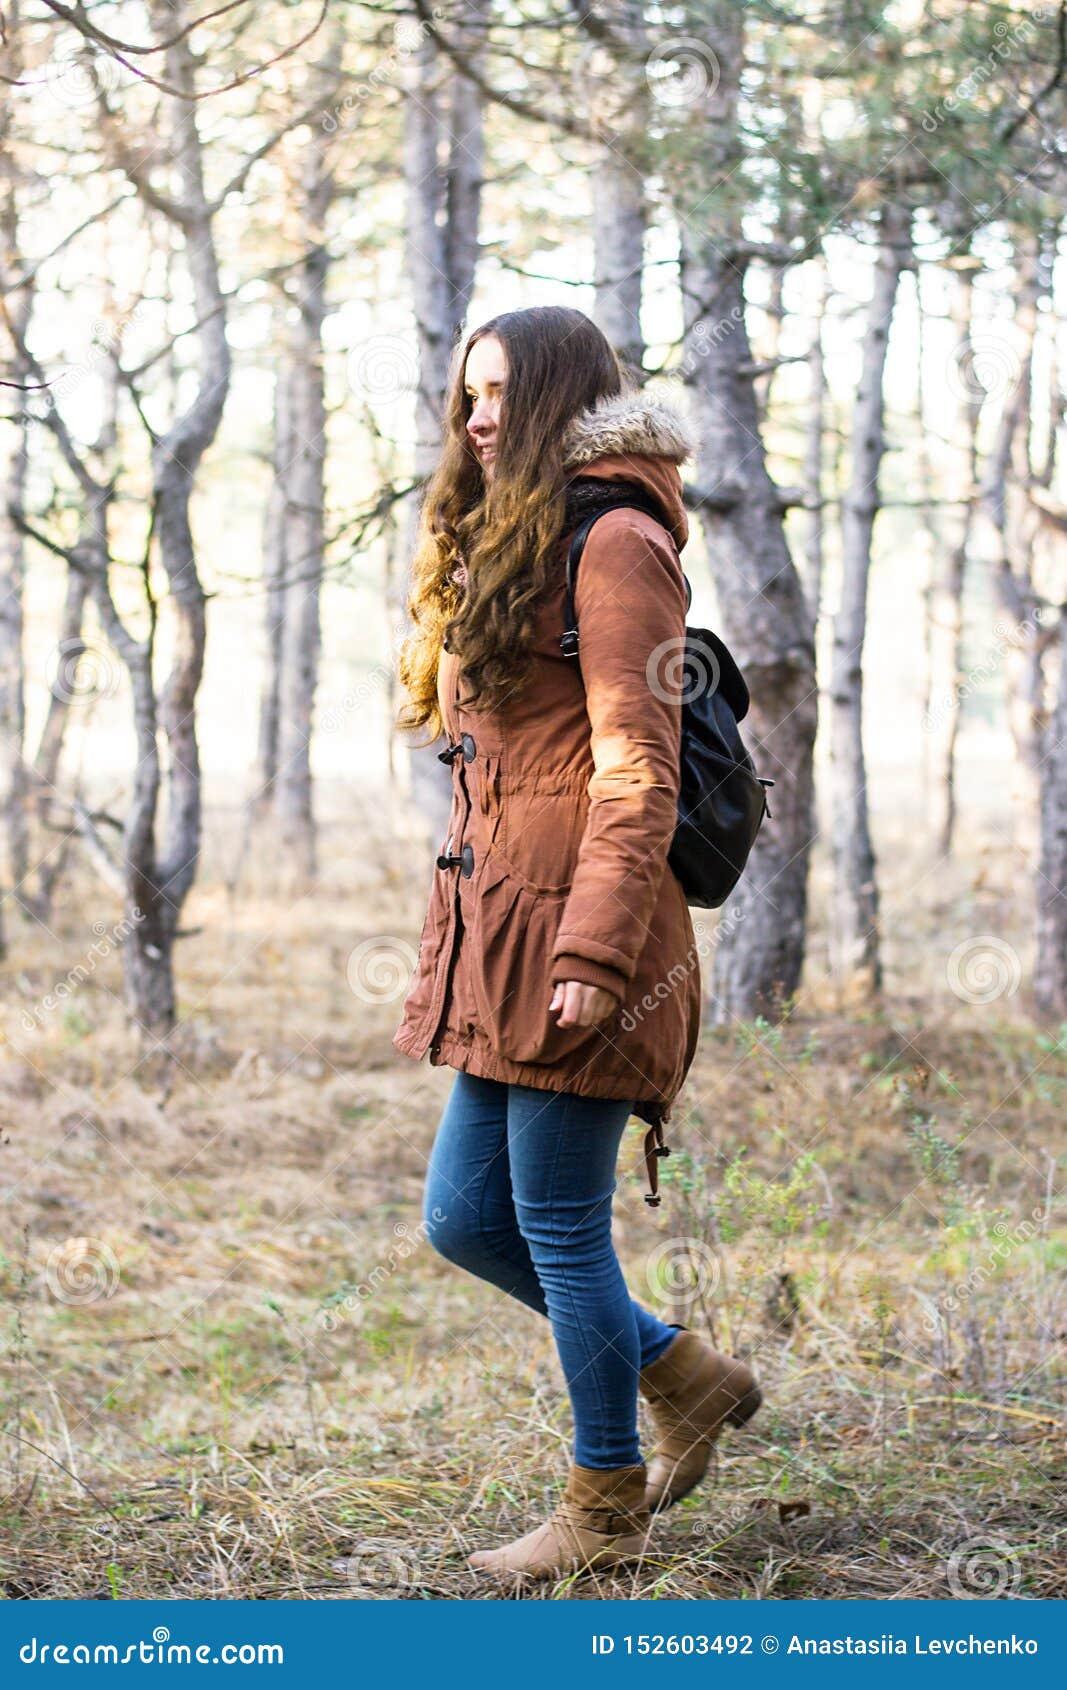 Viajante da mulher com a trouxa que olha a floresta de surpresa, conceito do curso do desejo por viajar, momento atmosférico